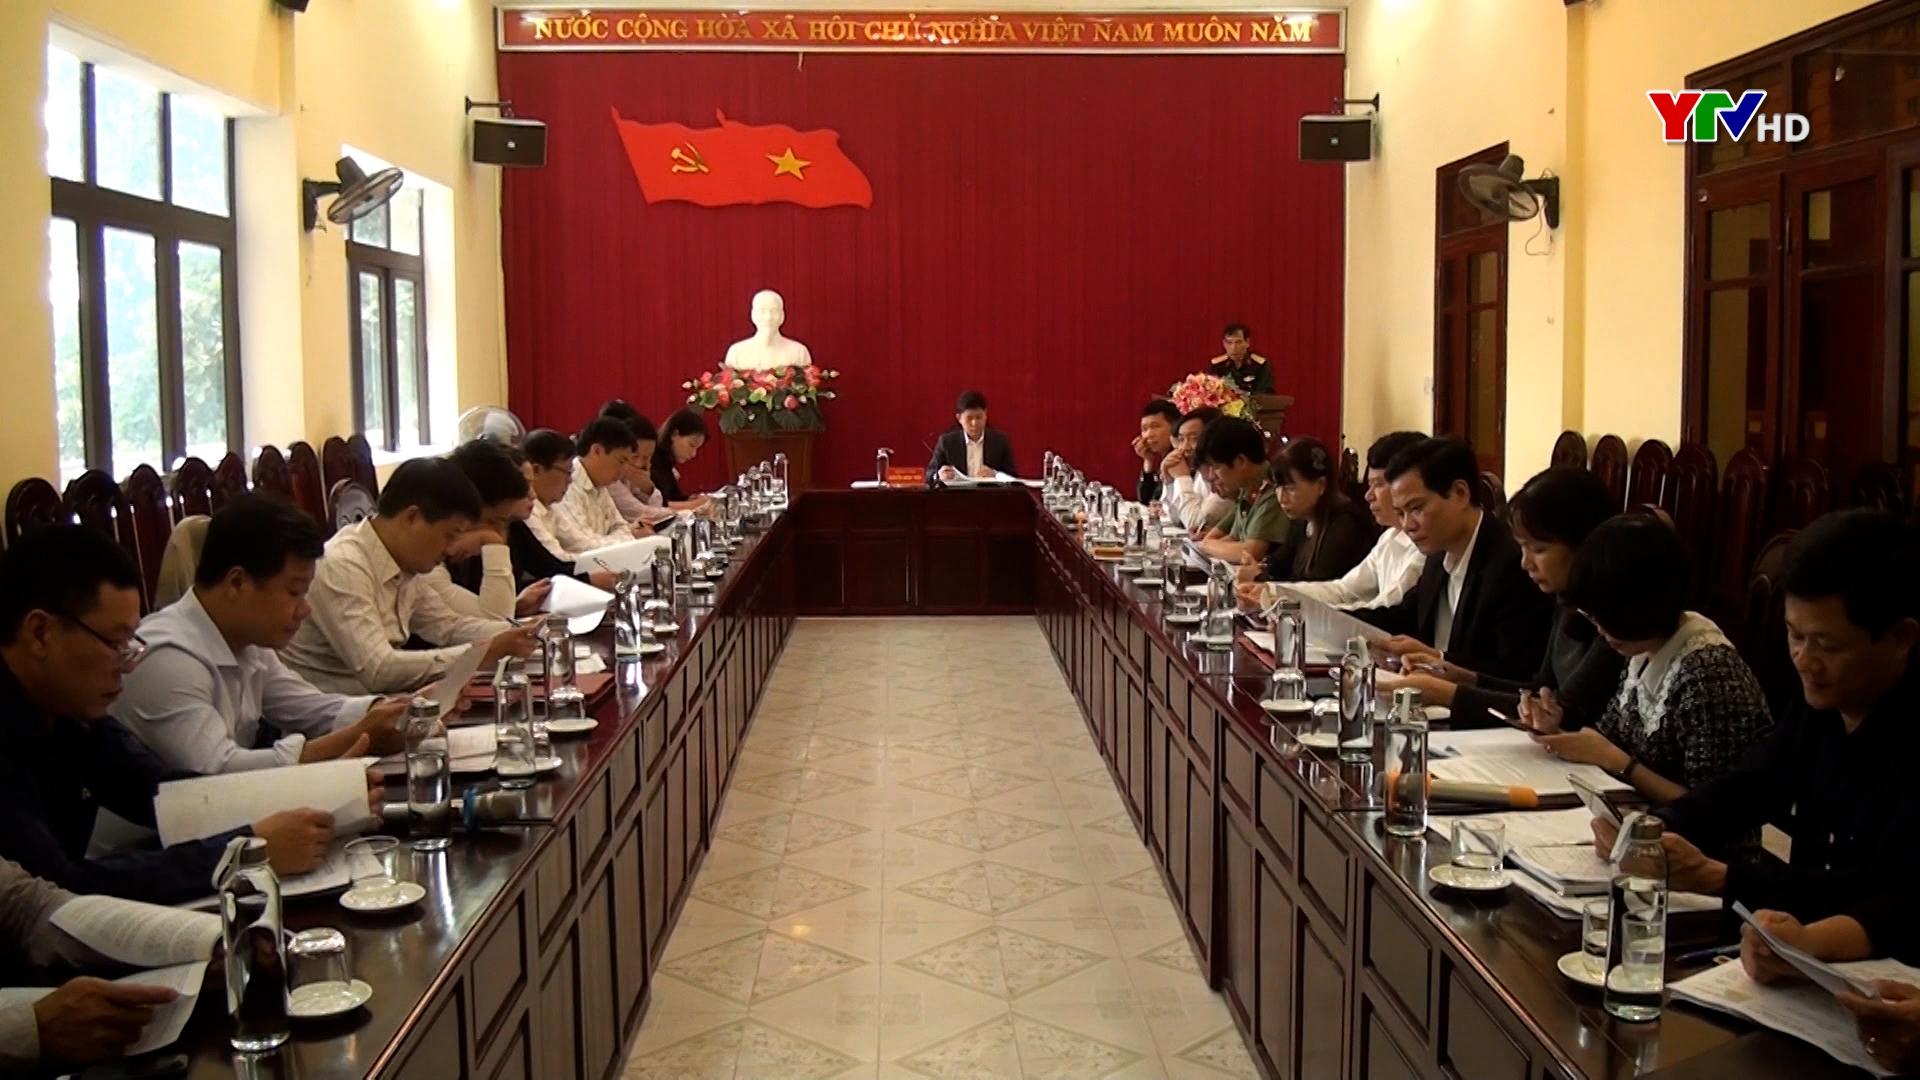 Thành phố Yên Bái triển khai nhiệm vụ tuyển chọn gọi công dân nhập ngũ năm 2021